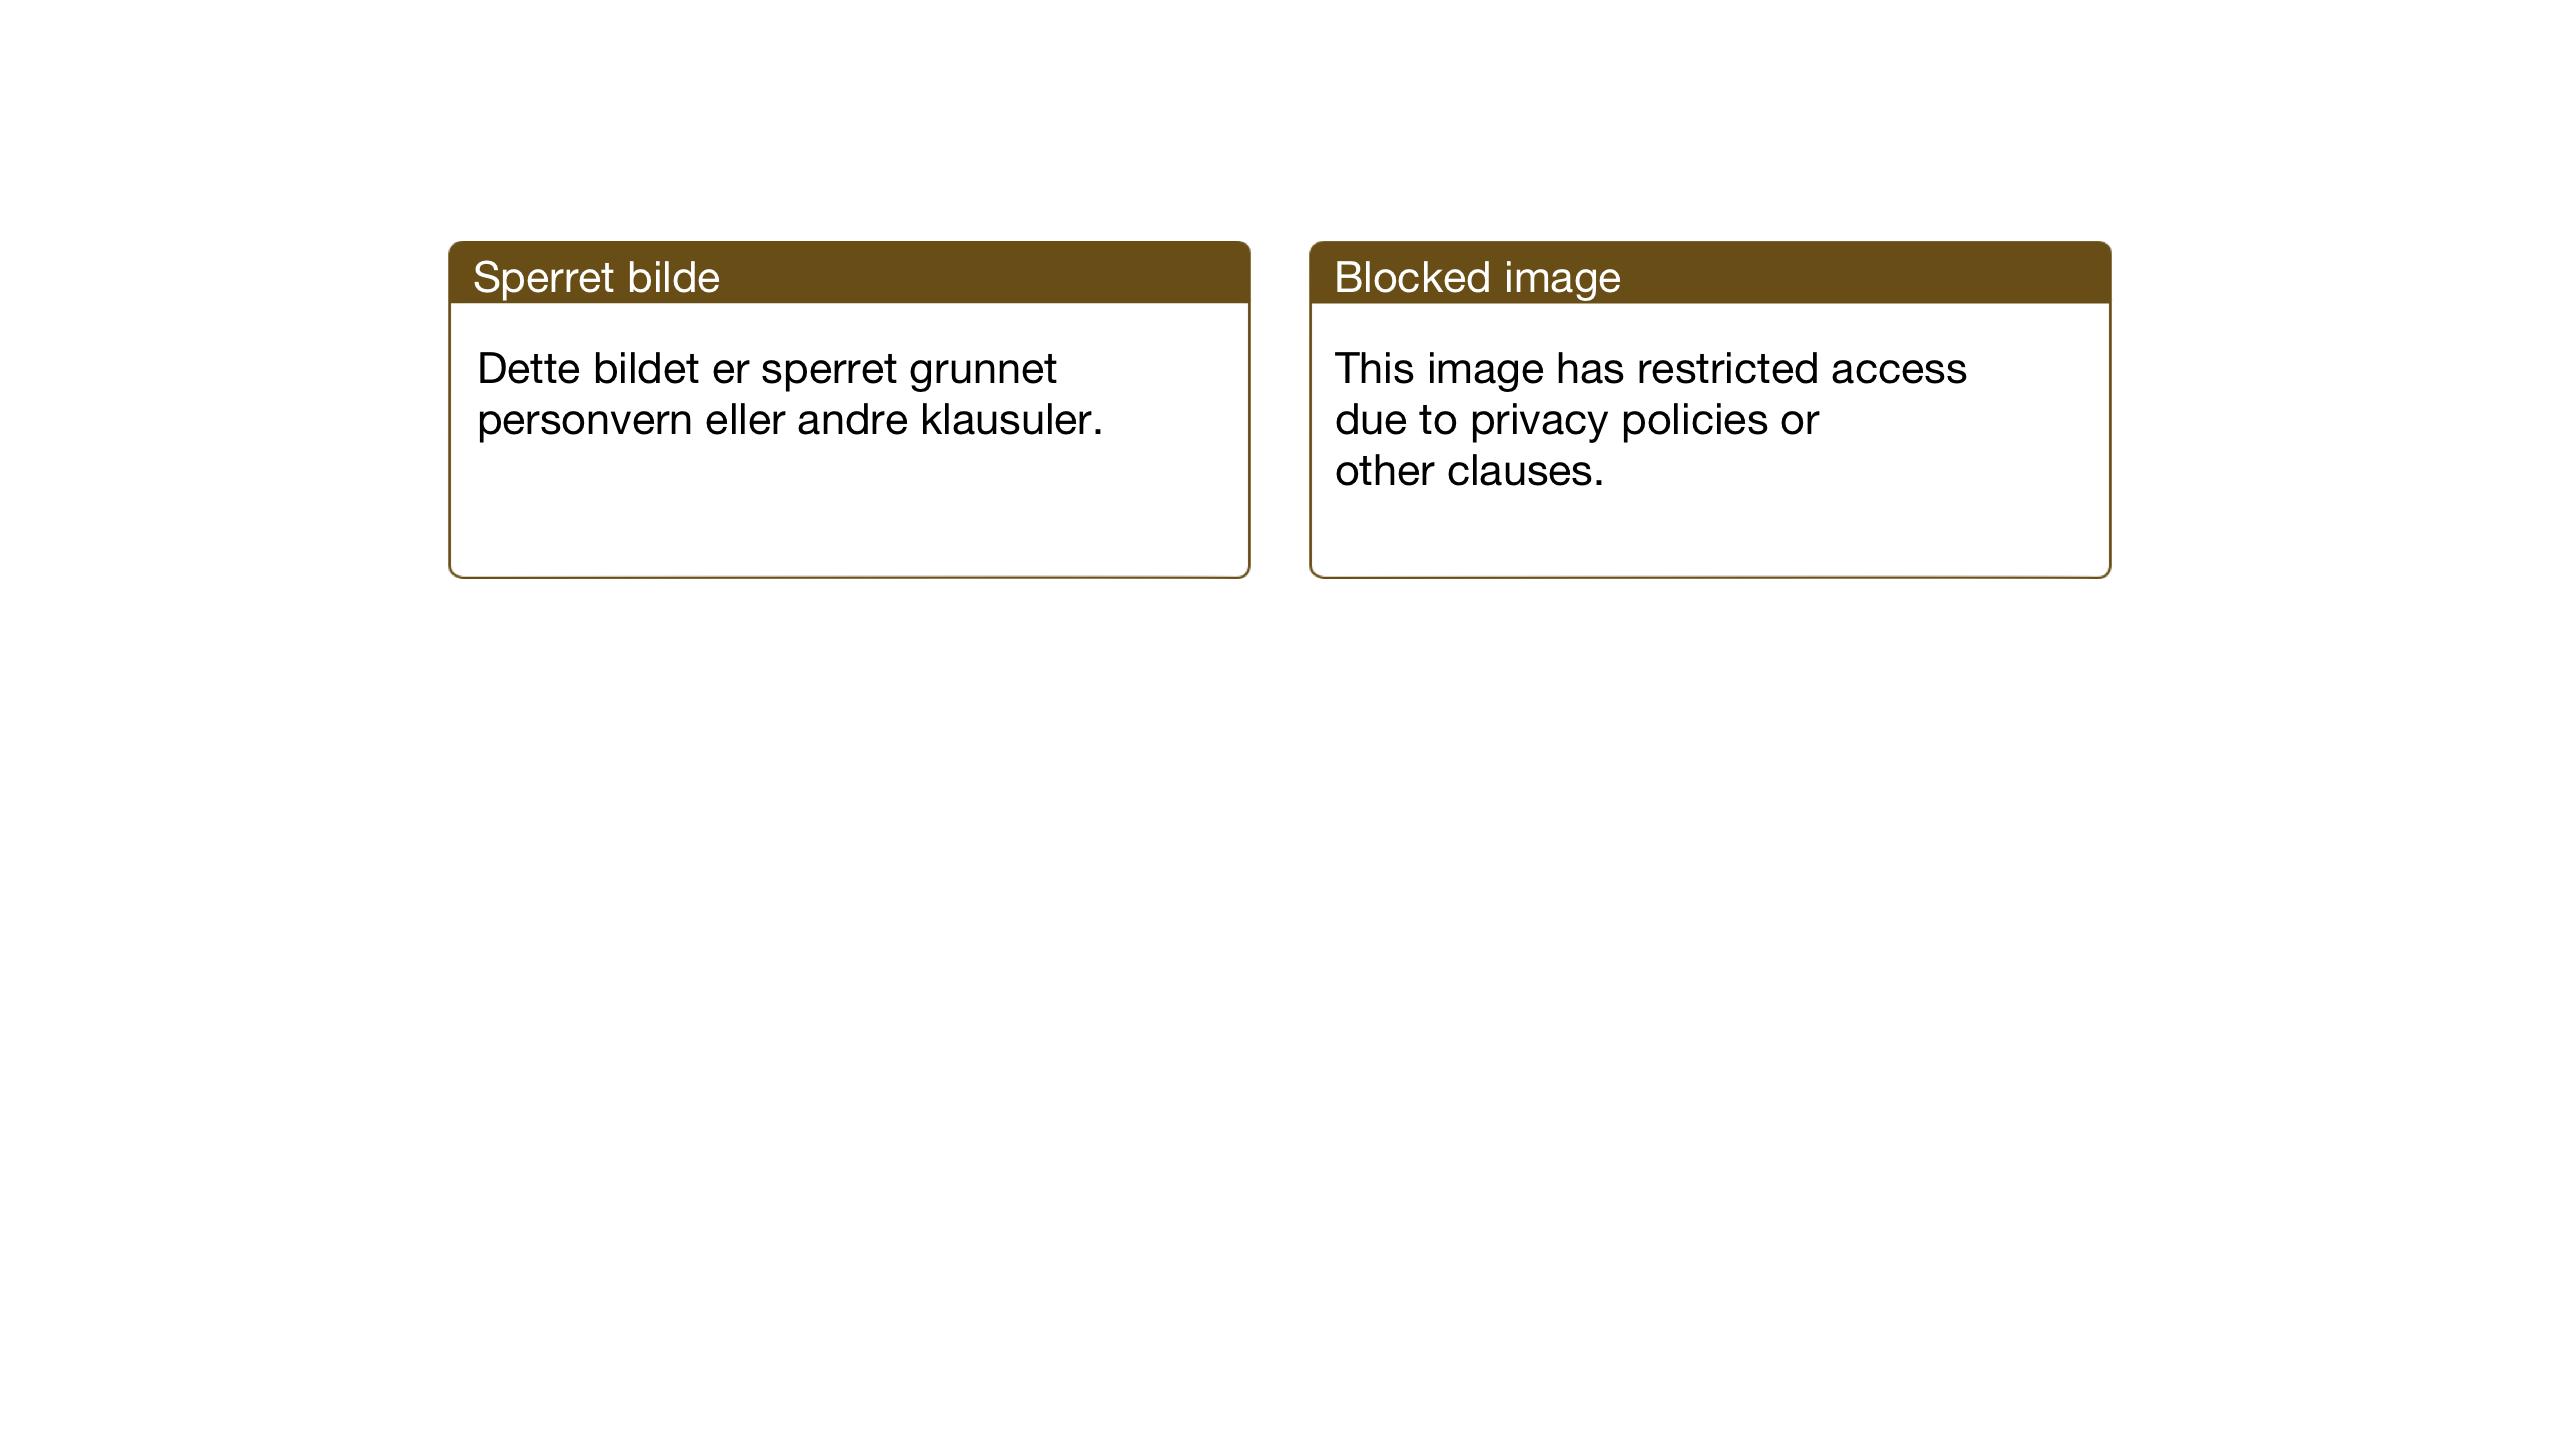 RA, Justisdepartementet, Sivilavdelingen (RA/S-6490), 1997-2000, s. 1